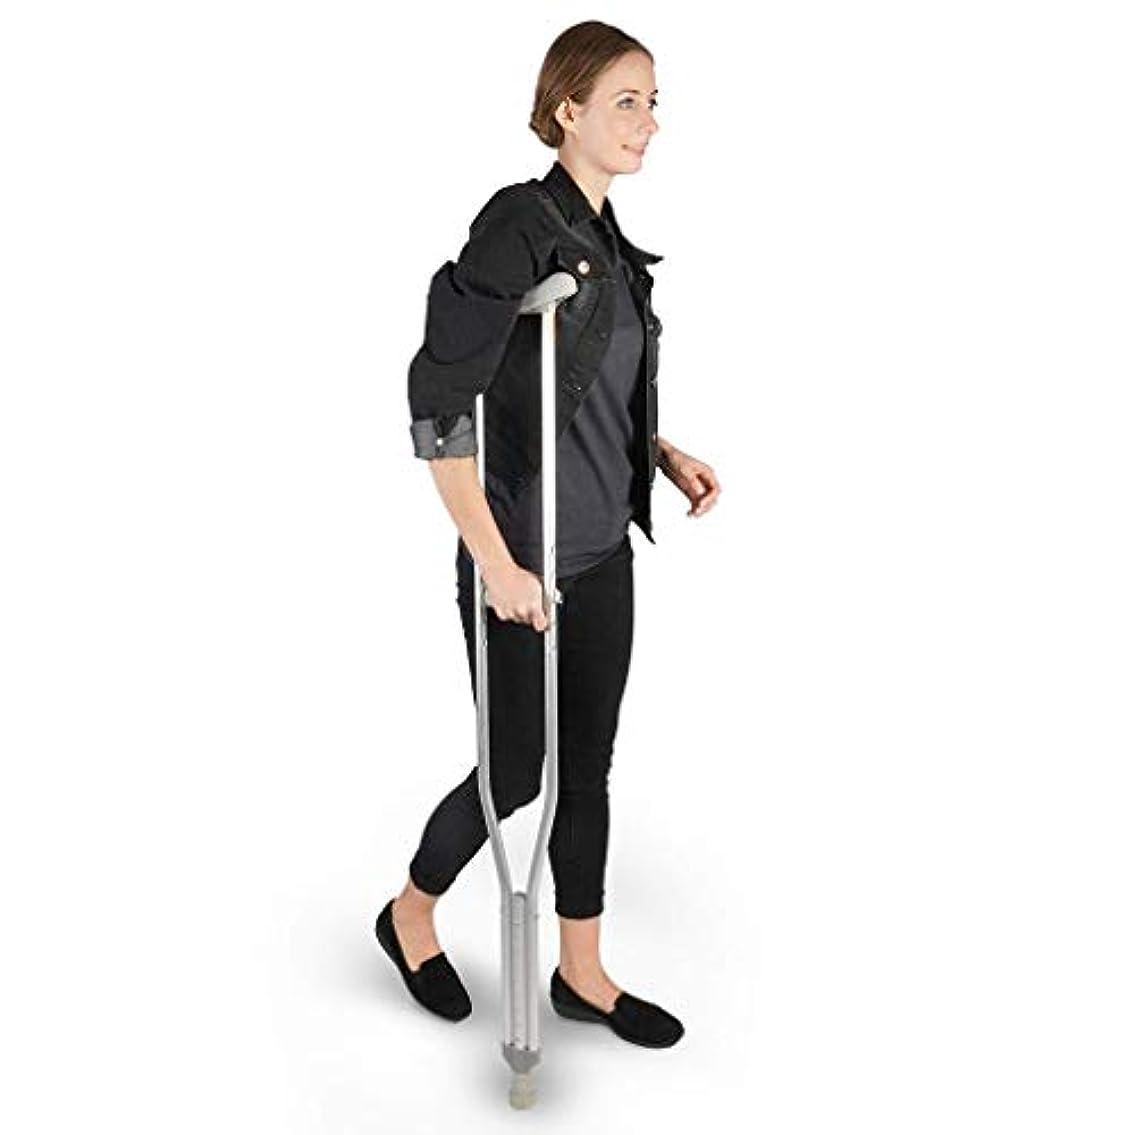 フックモジュール飛躍調節可能なアルミニウム松葉杖、二重調節可能、軽量歩行補助具、二重調節可能な松葉杖、足歩行松葉杖(アルミニウム) Single